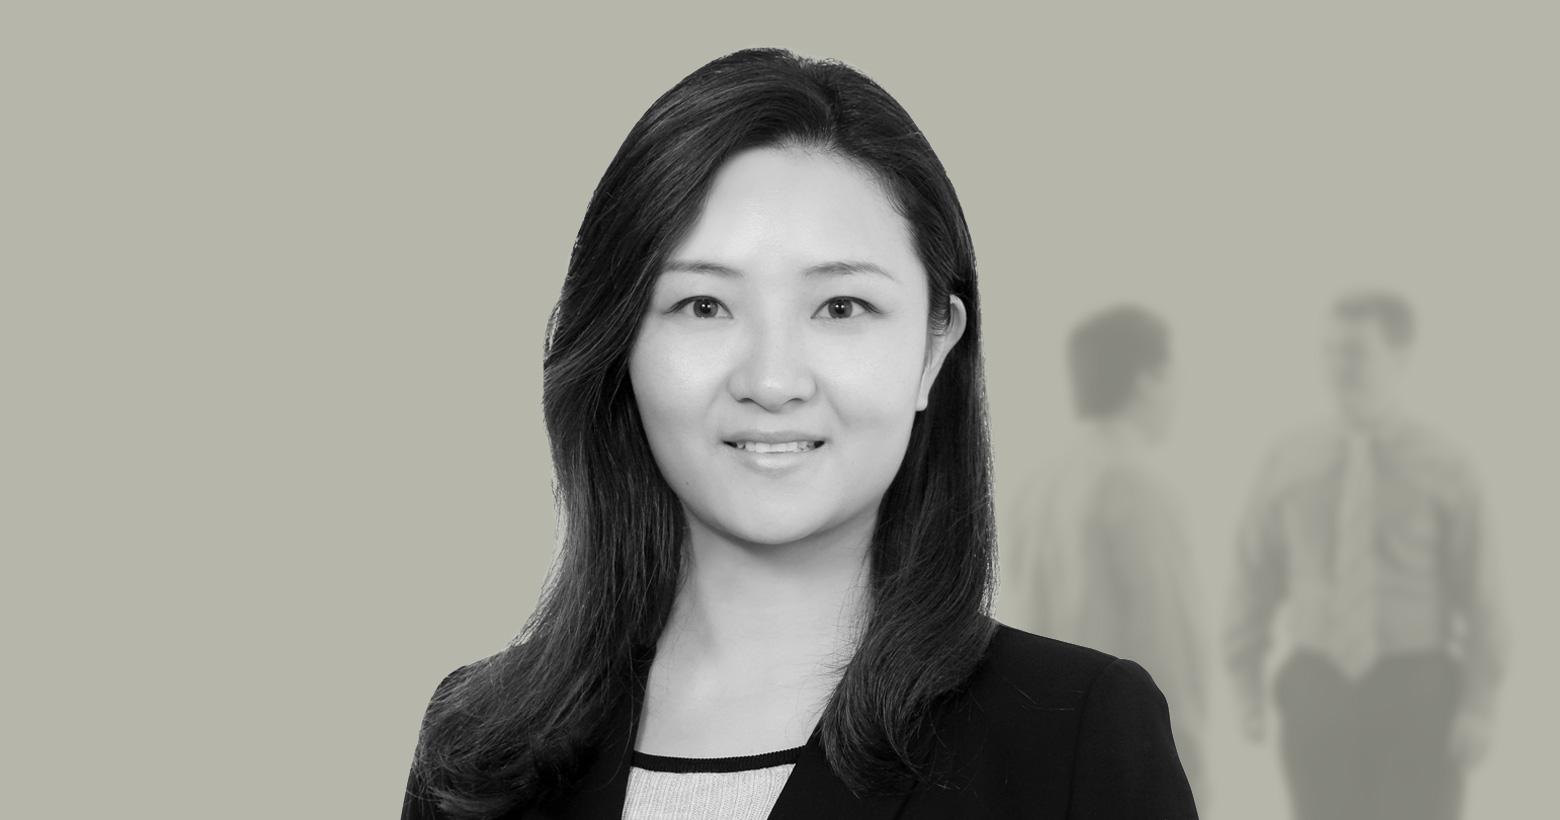 Vincy (Hui) Huang